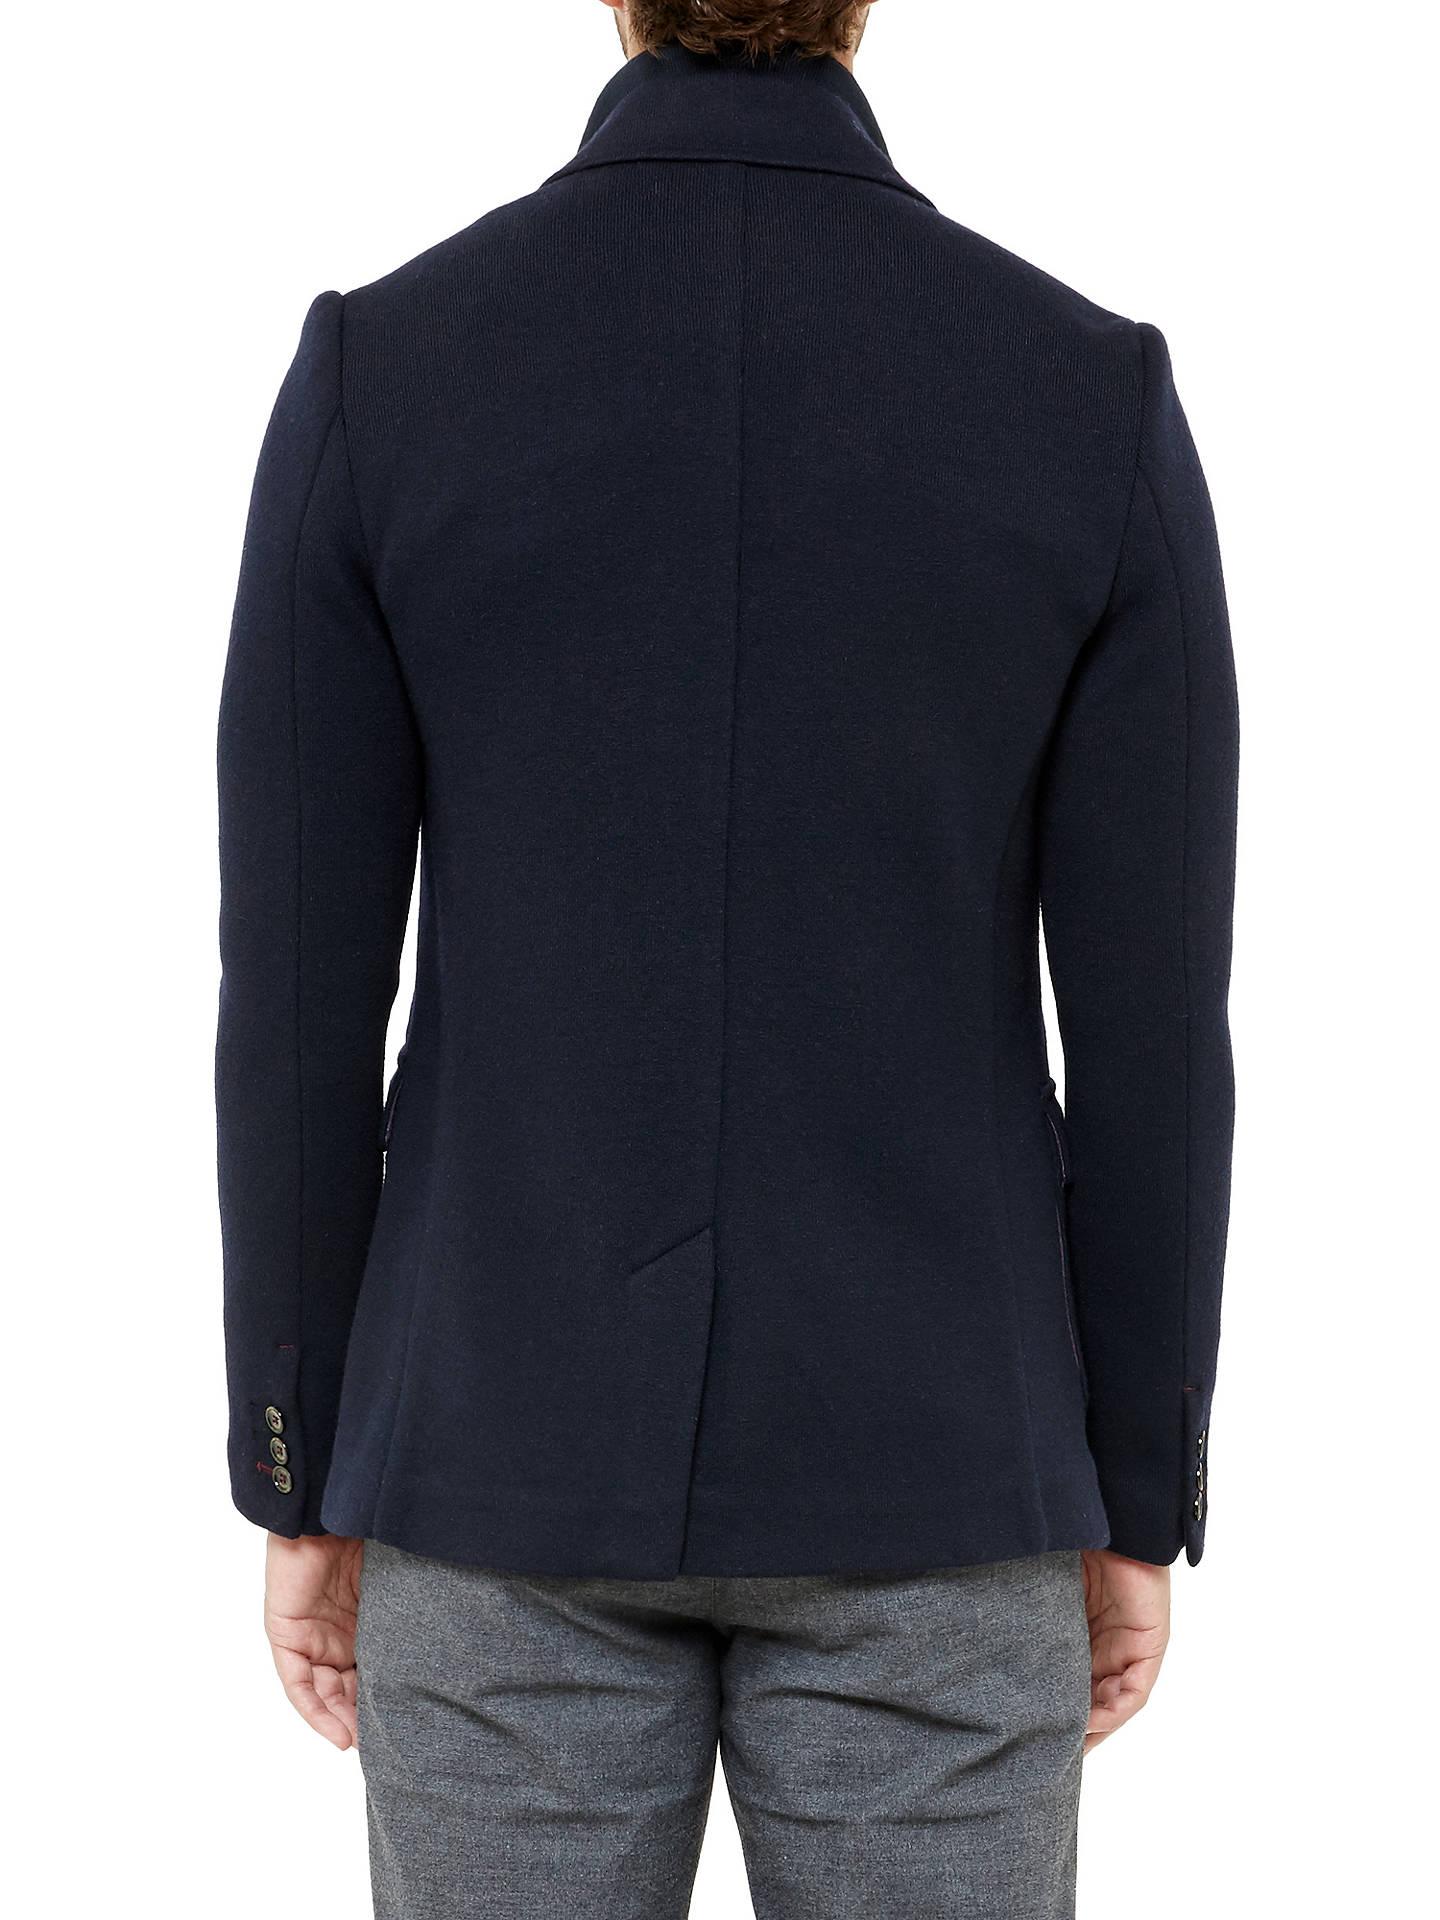 e3df91699d4afe Ted Baker Dom Funnel Neck Jersey Jacket at John Lewis   Partners